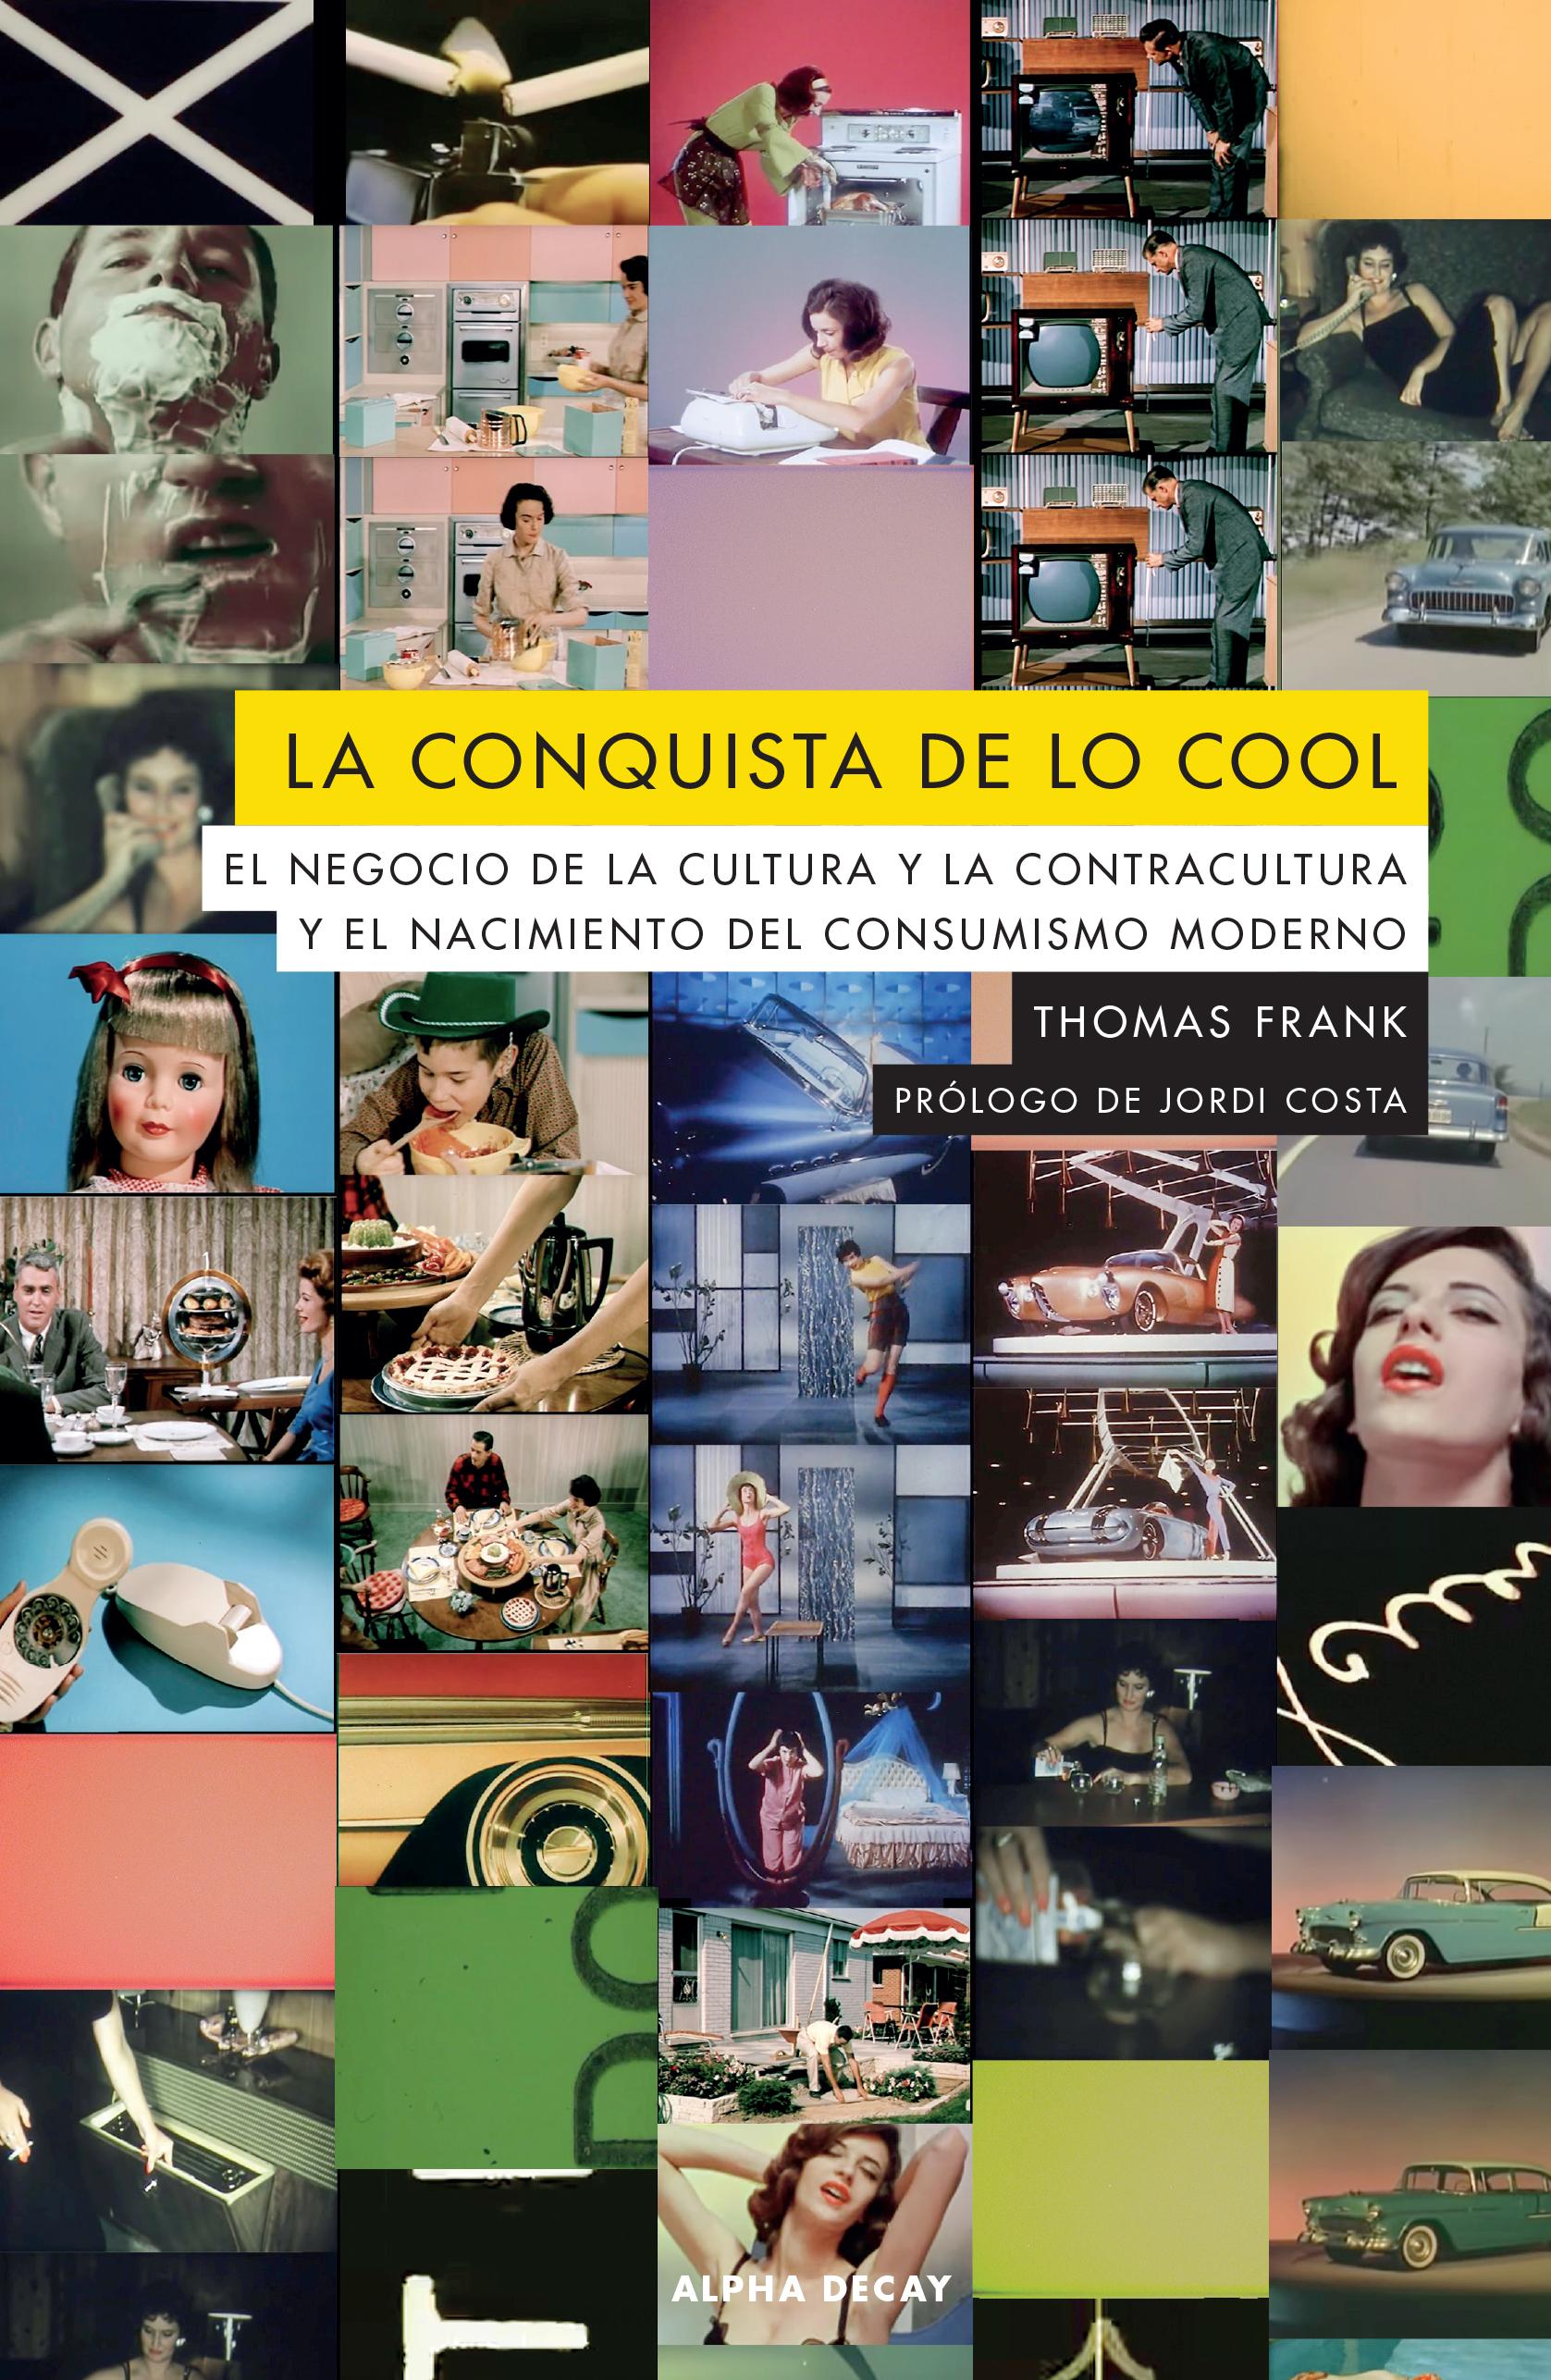 La conquista de lo cool «El negocio de la cultura y la contracultura y el nacimiento»